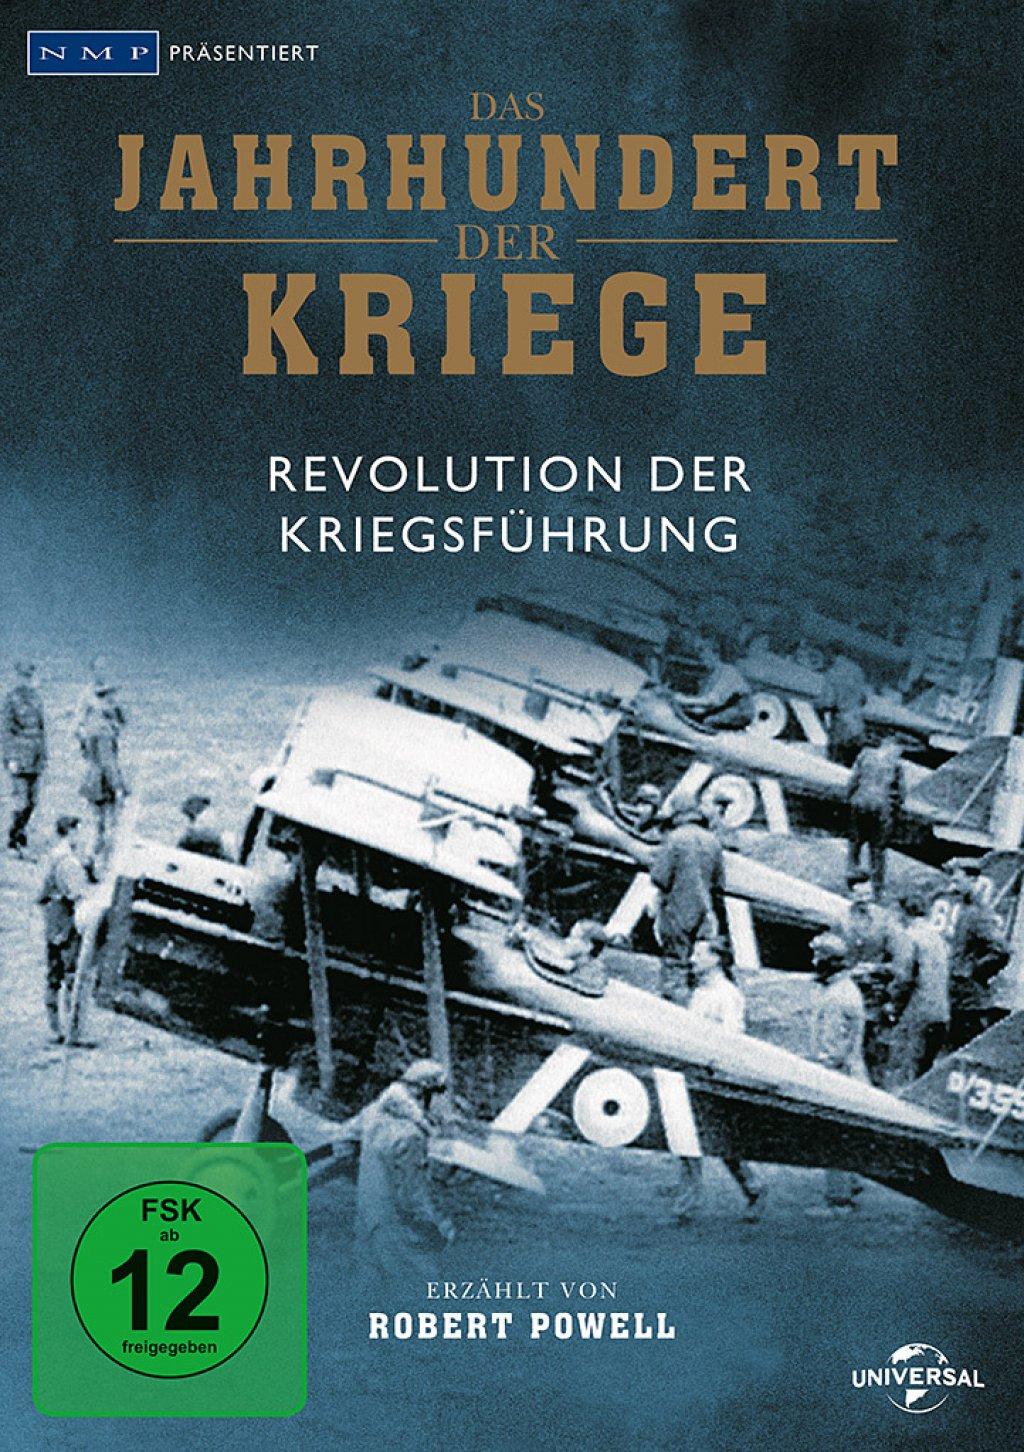 Das Jahrhundert der Kriege - Revolution der Kriegsführung - Vol. 02 (DVD)